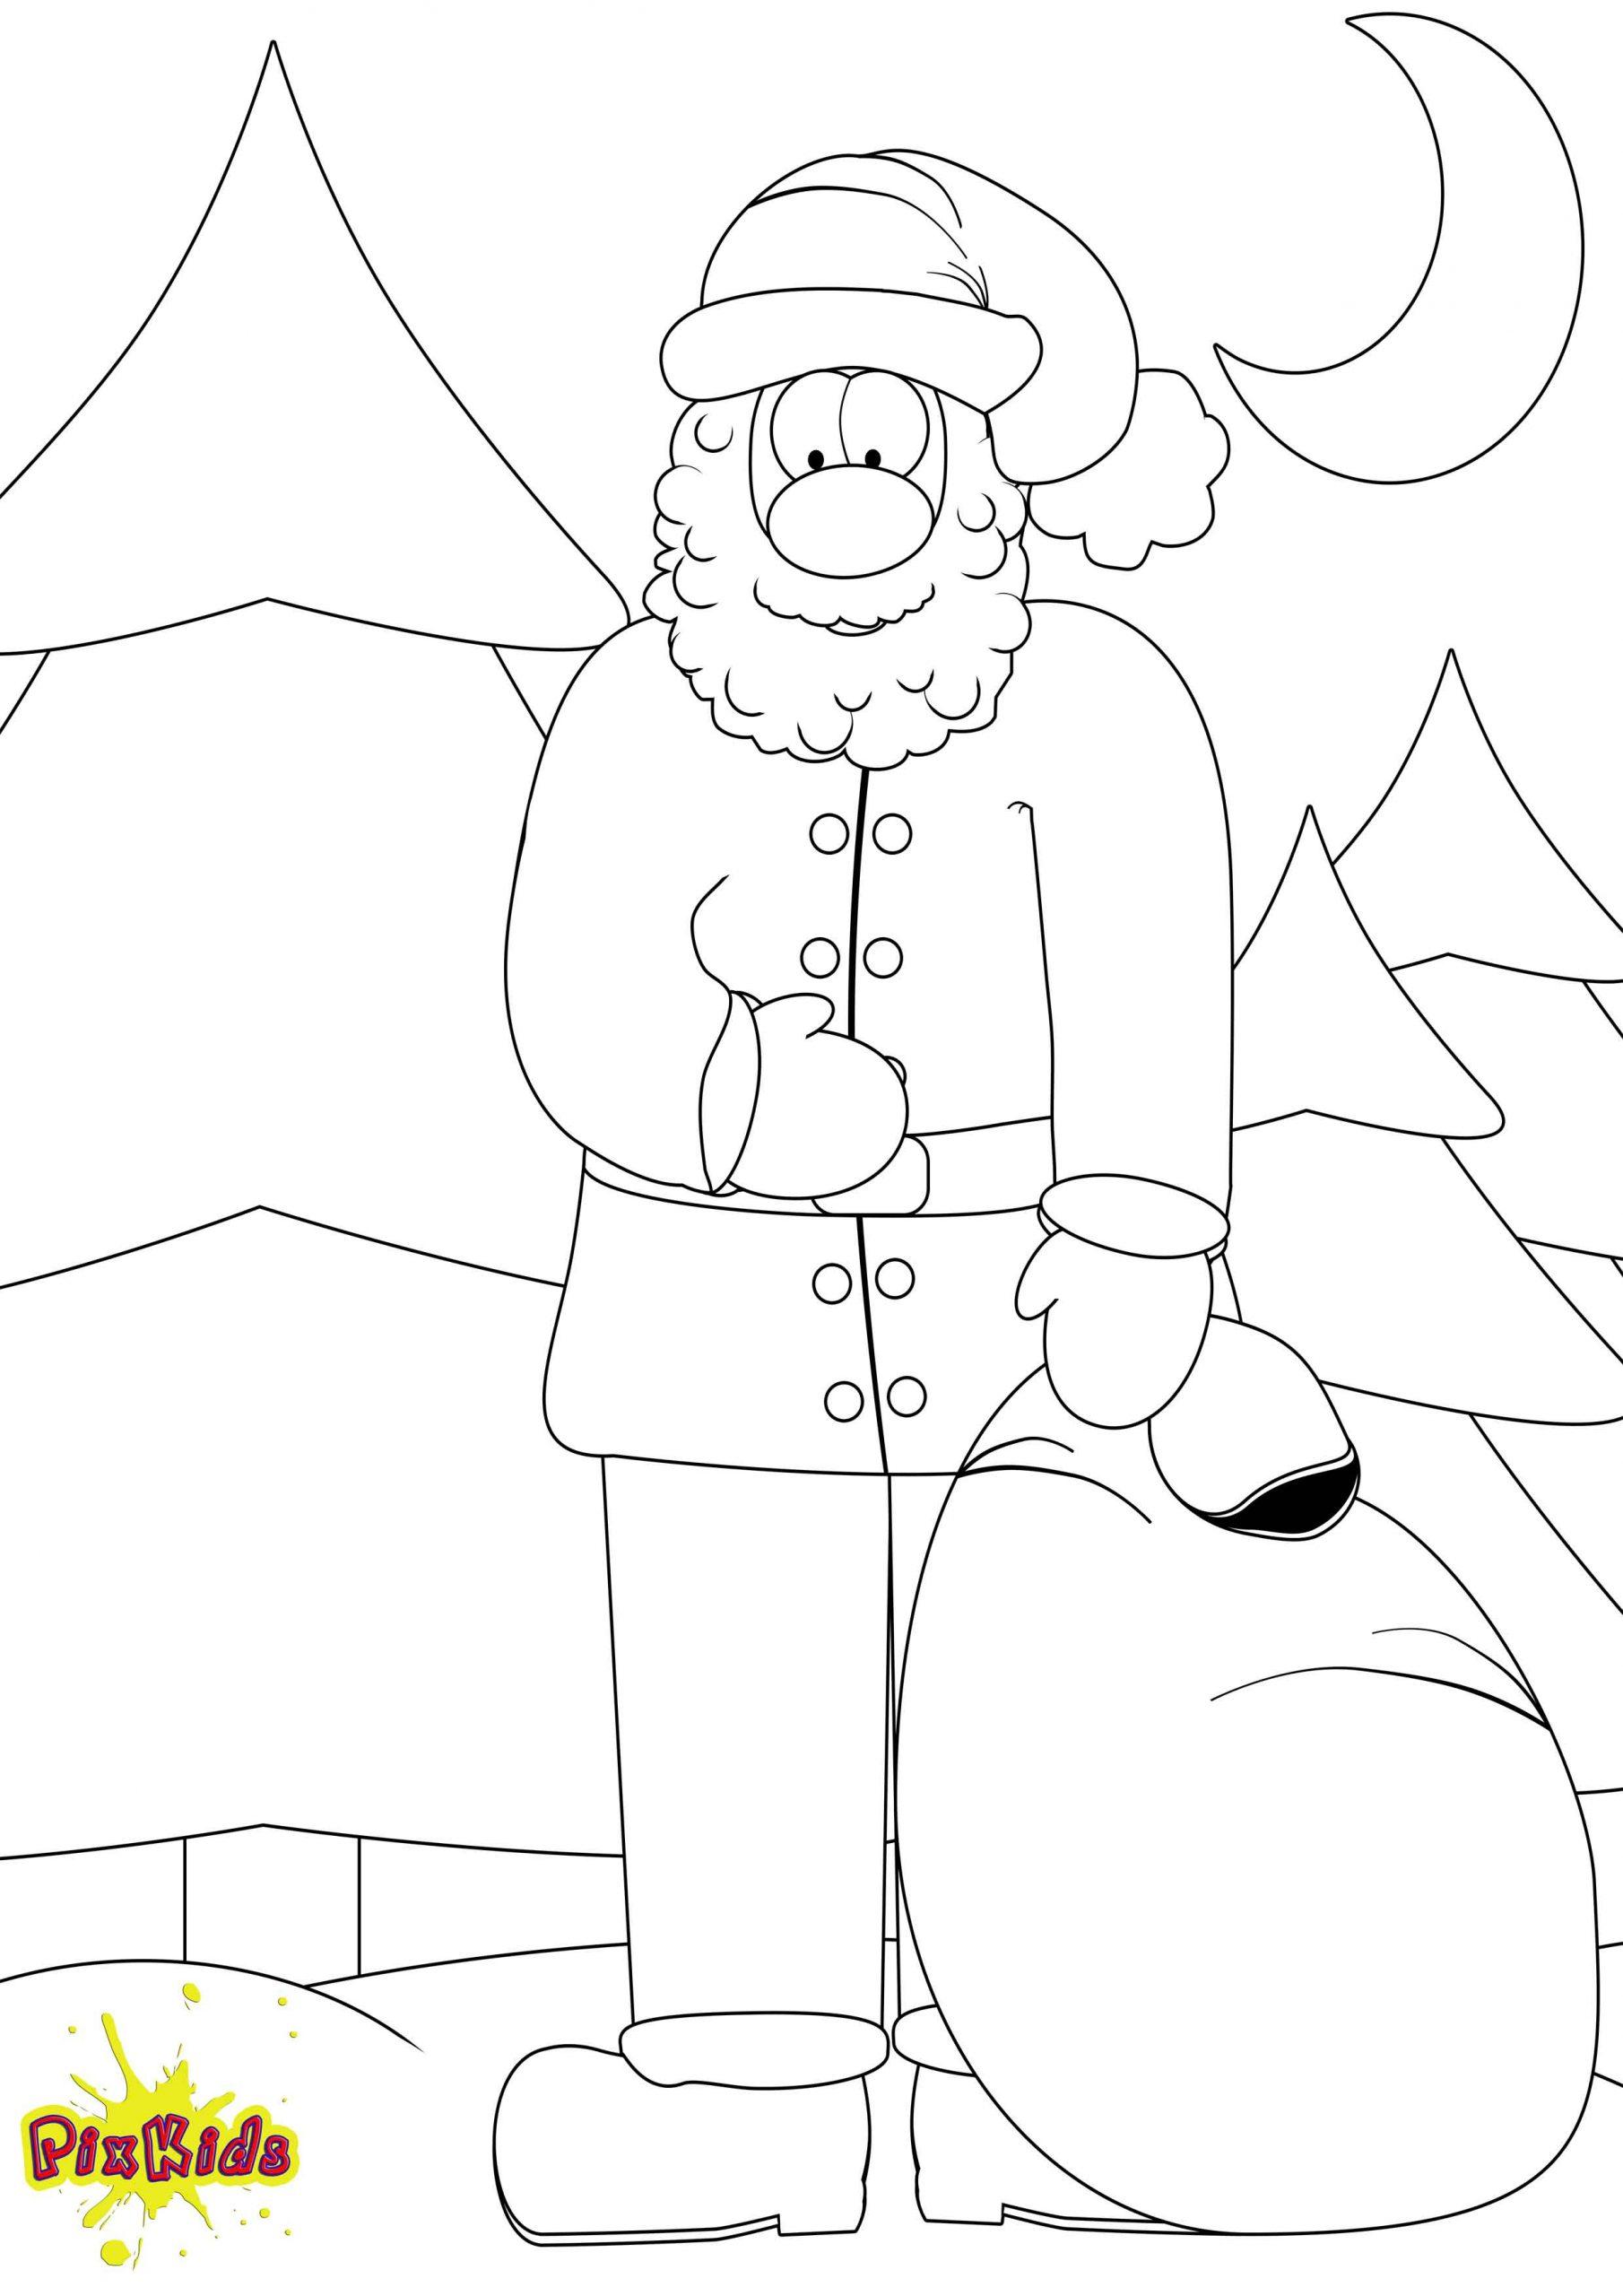 Weihnachten Archive - Ausmalbilder Adventskalender bestimmt für Weihnachten Ausmalbilder